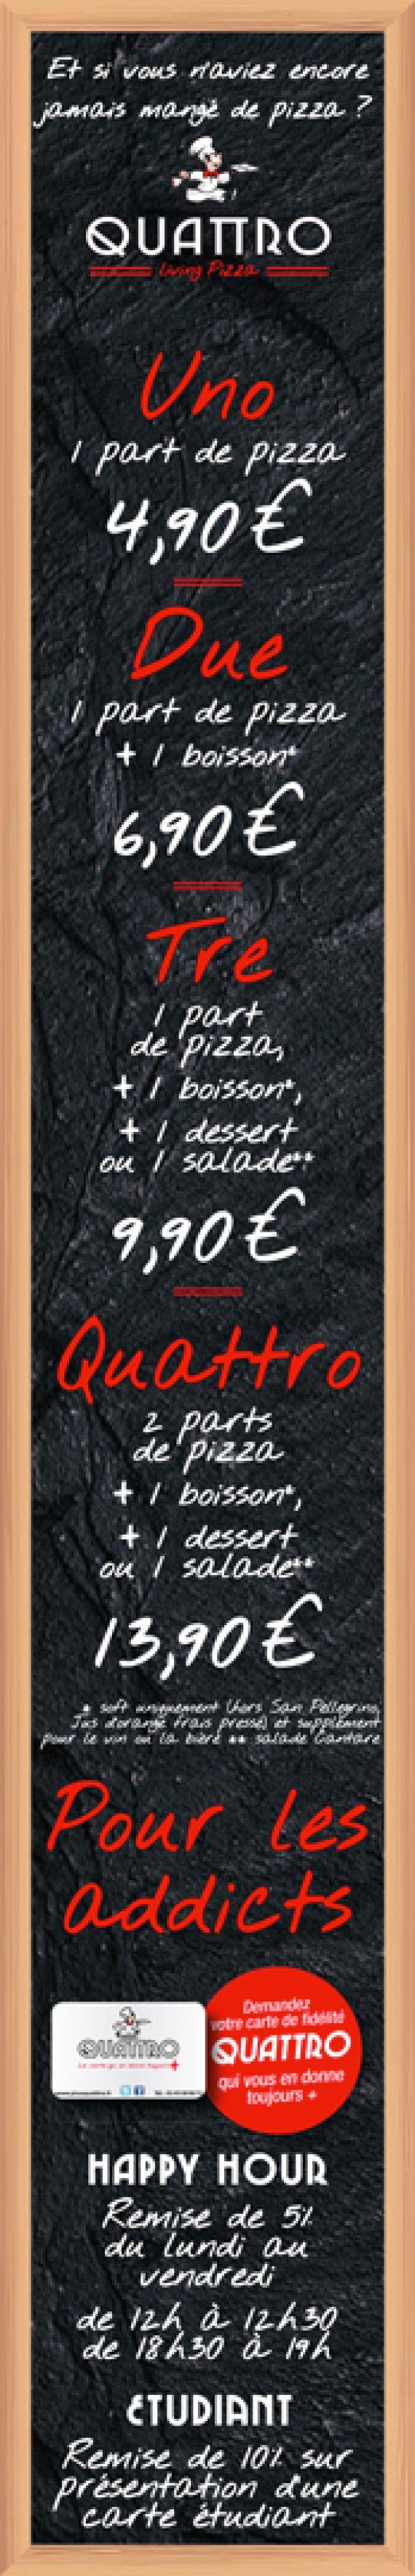 Panneau colonne extérieur pour la pizzeria Quattro